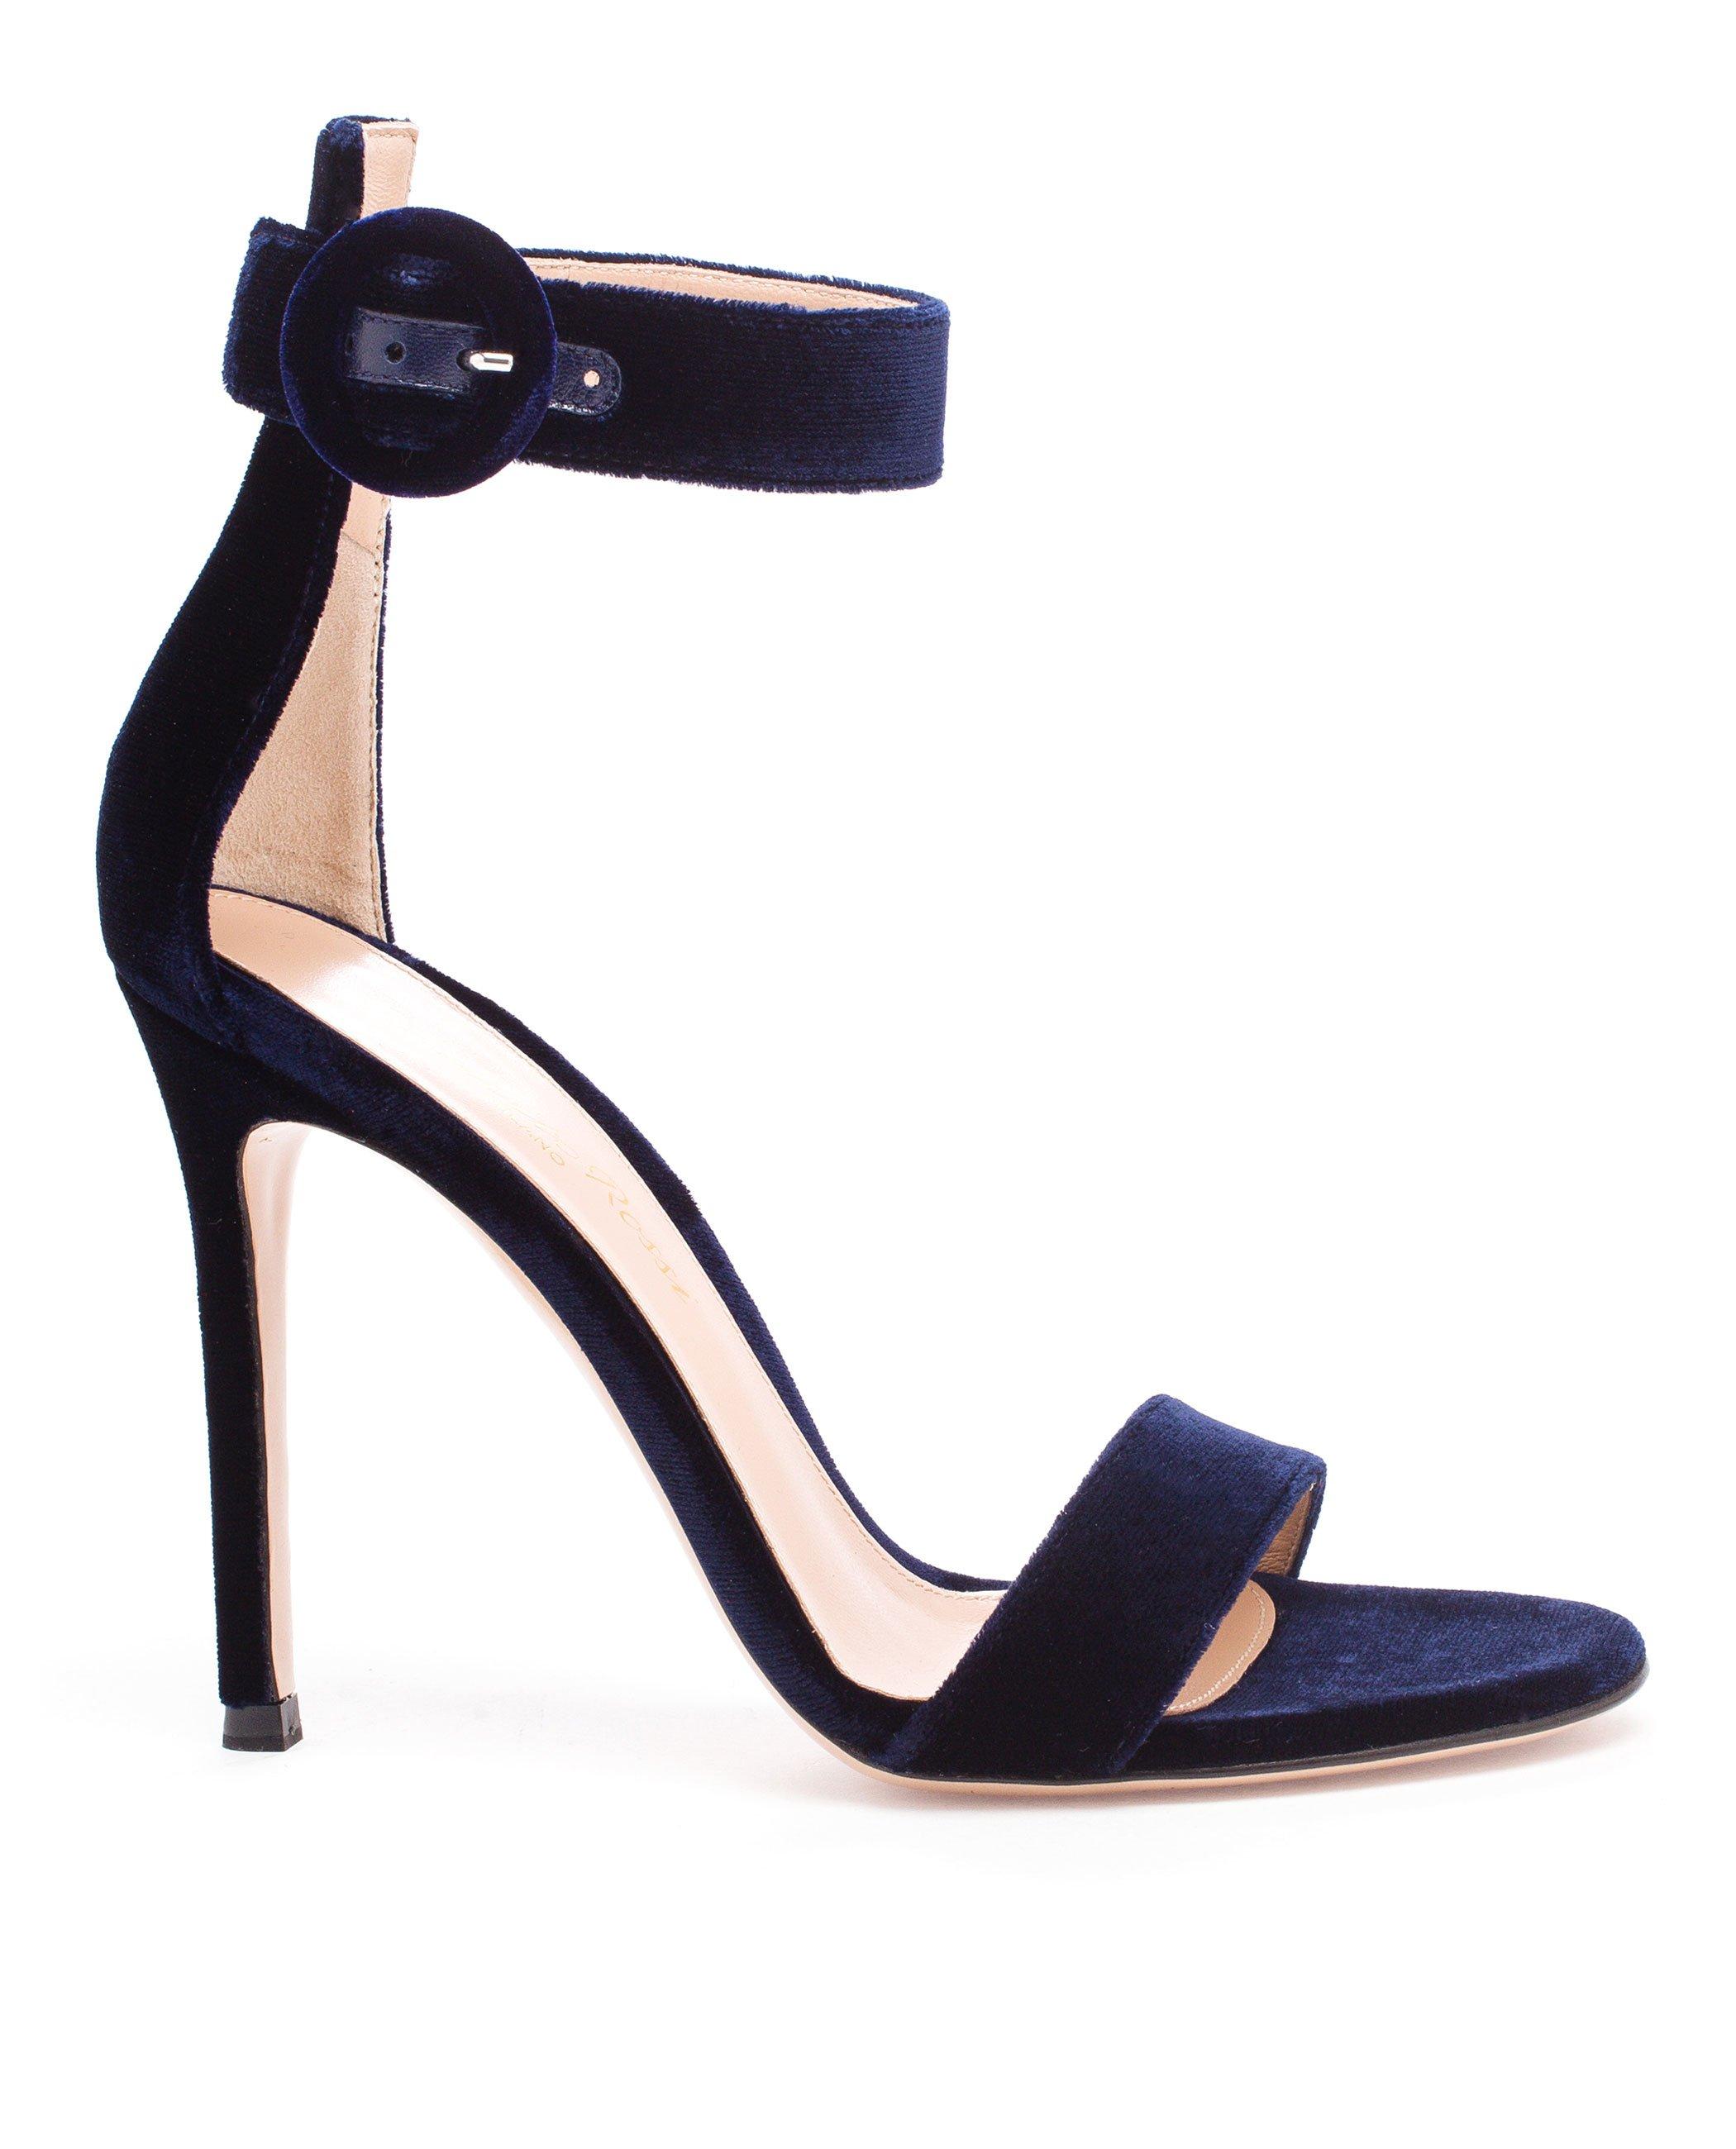 Velvet sandals Gianvito Rossi E5Hge26Jfb